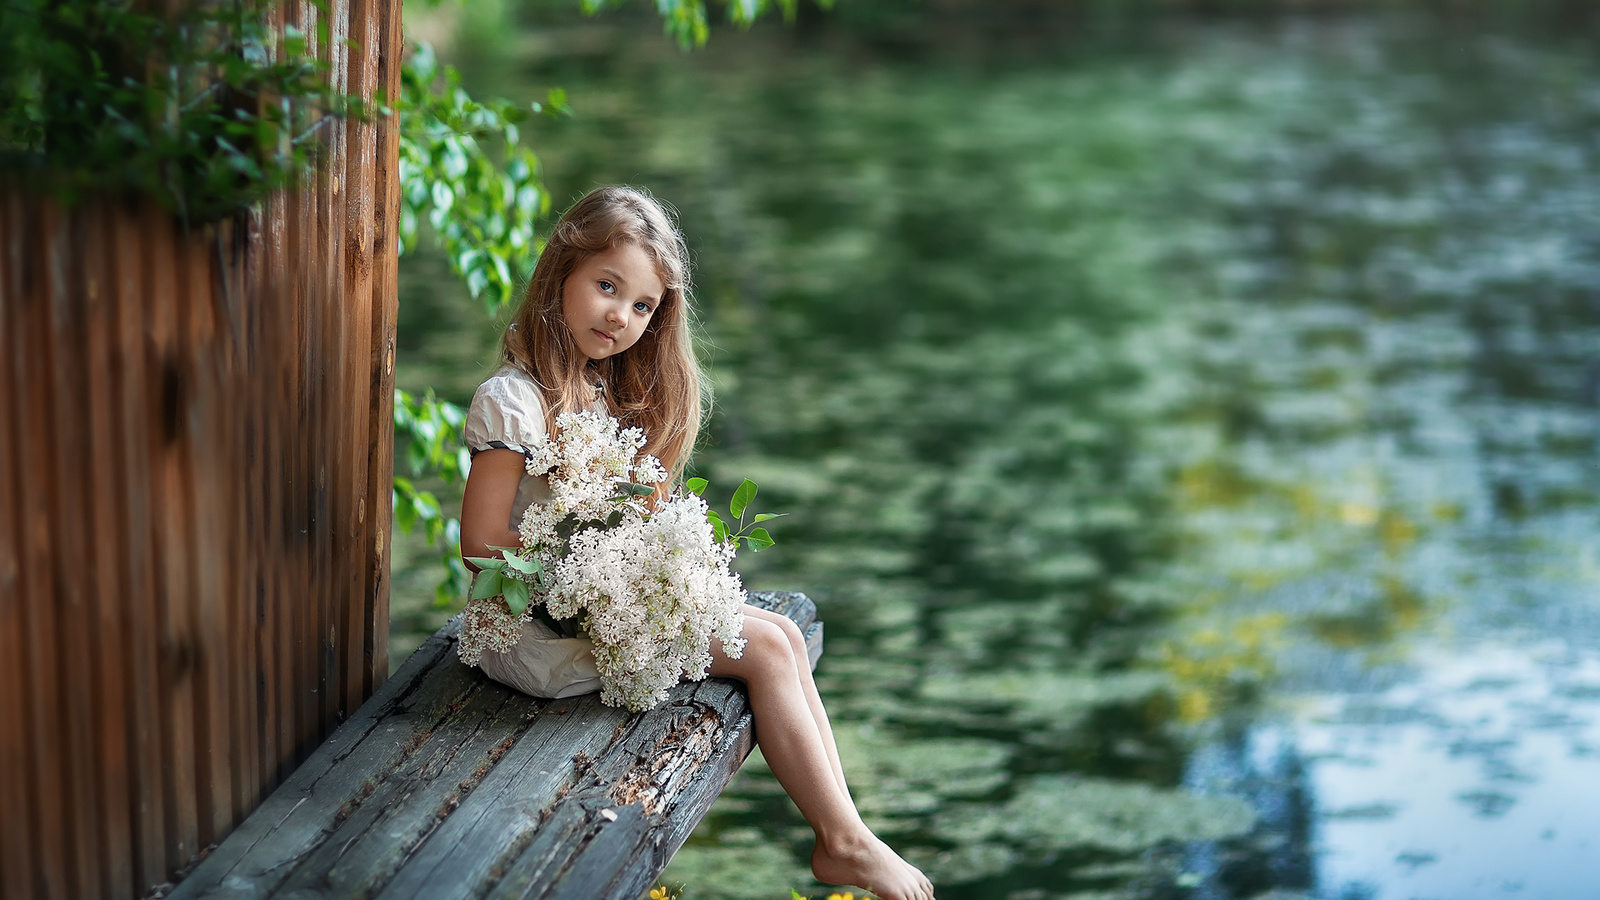 ребёнок, девочка, платье, взгляд, природа, лето, пруд, босая, босиком, букет